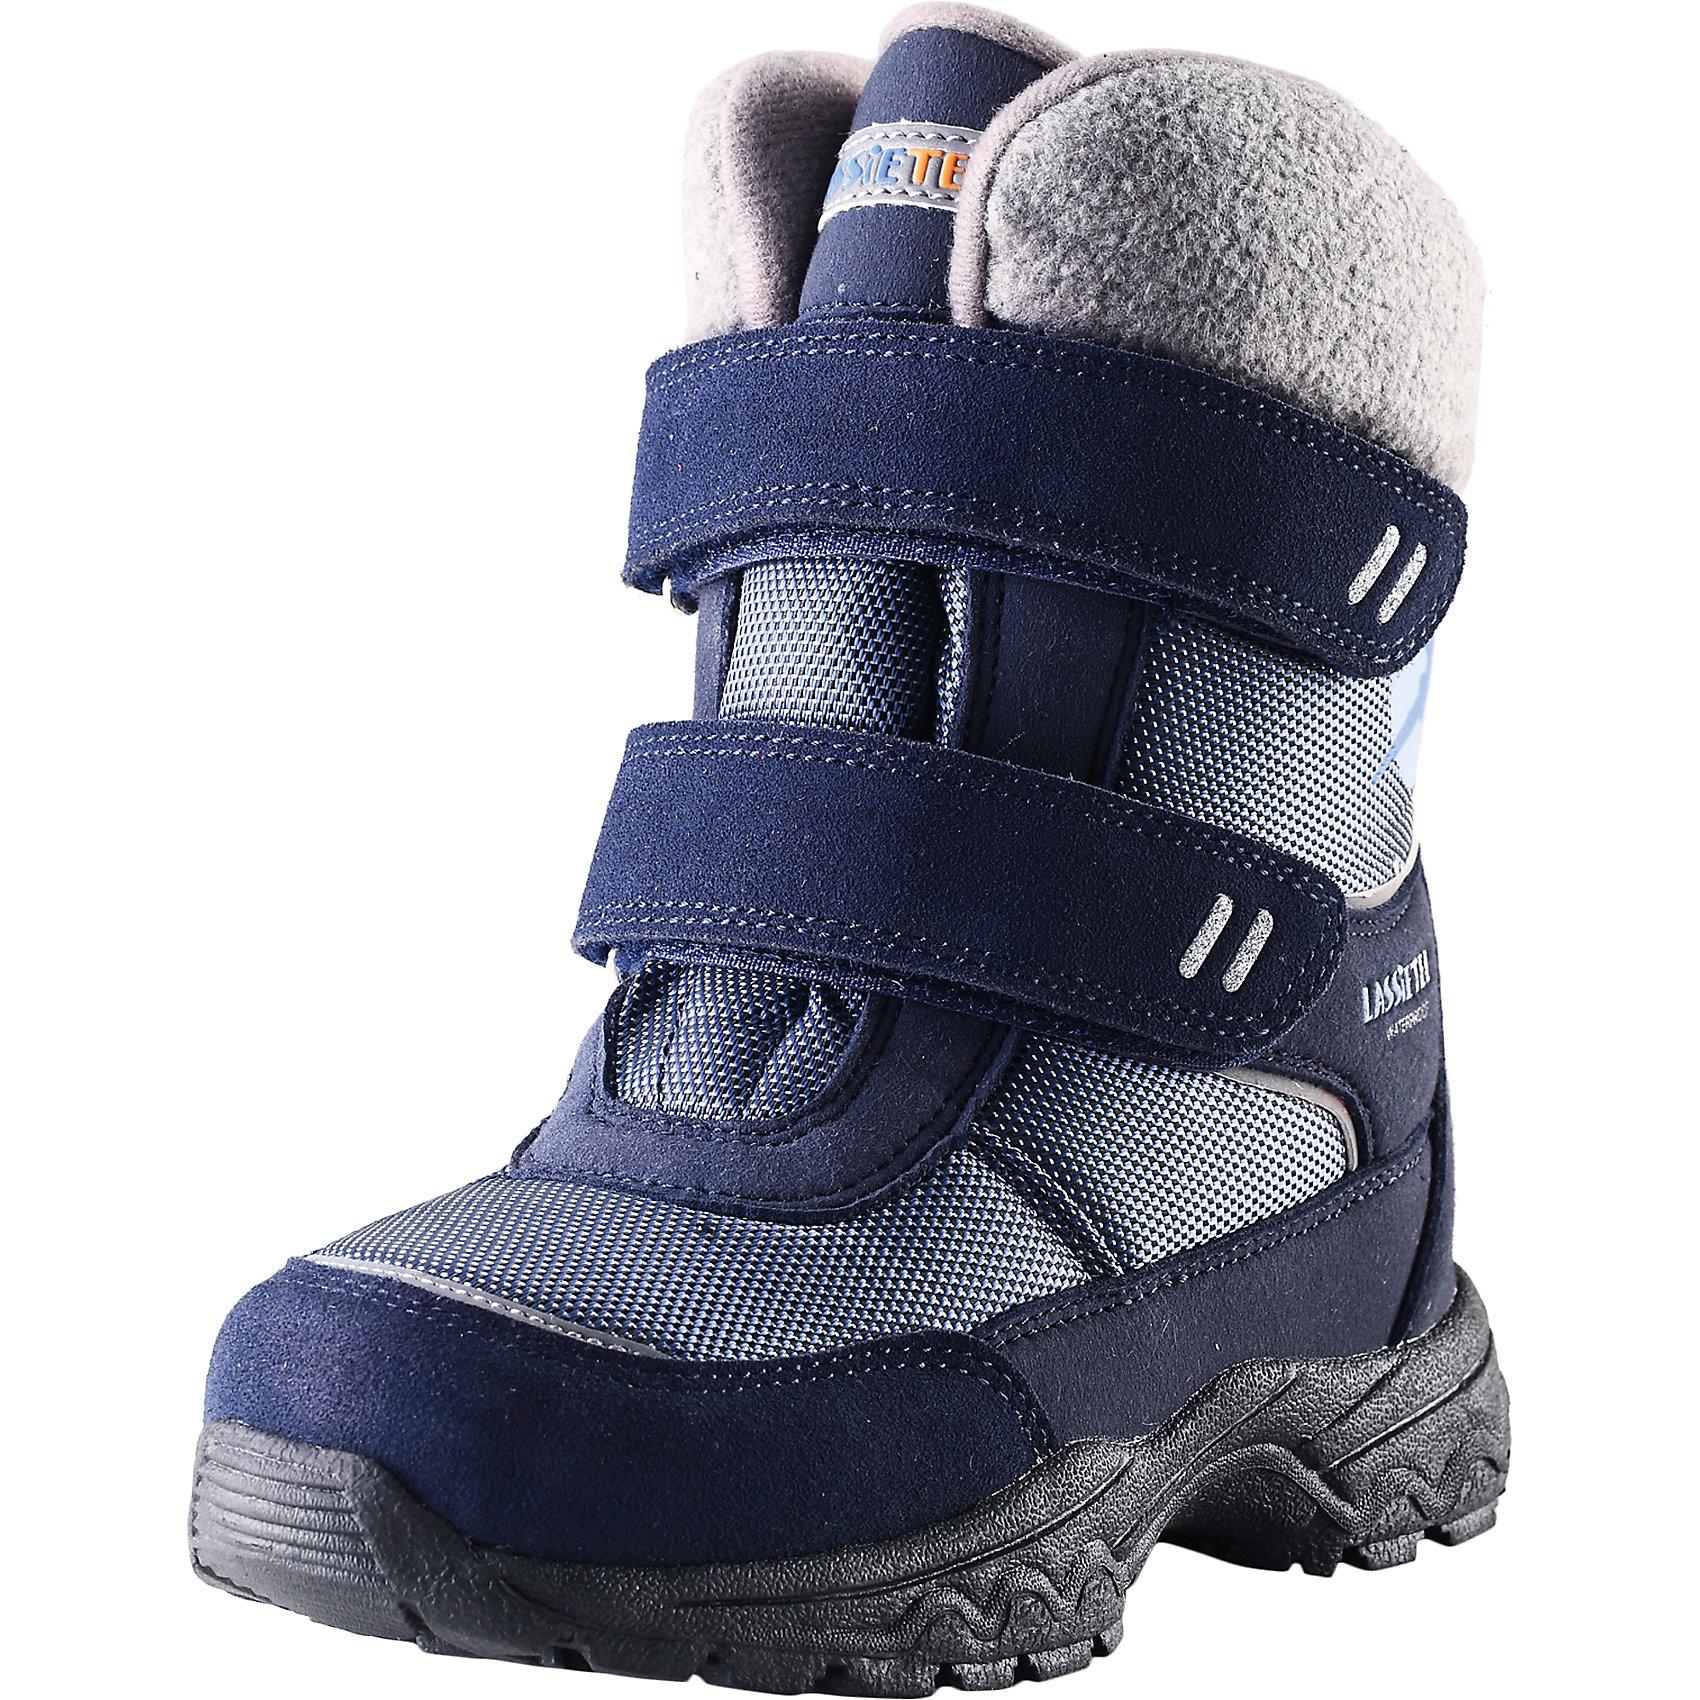 Ботинки для мальчика LassieОбувь<br>Зимние сапоги для детей Lassietec®. <br><br>- Водонепроницаемая зимняя обувь.<br>- Верх из натуральной замши (из телячьей кожи), синтетического материала и текстиля.<br>- Подошва из термопластичного каучука обеспечивает хорошее сцепление с поверхностью. <br>- Подкладка из искусственного меха.<br>- Съемные стельки. Застежки на липучках обеспечивают простоту использования.<br>- Светоотражающие детали. <br><br>Храните обувь в вертикальном положении при комнатной температуре. Сушить обувь всегда следует при комнатной температуре: вынув съемные стельки. Стельки следует время от времени заменять на новые. Налипшую грязь можно счищать щеткой или влажной тряпкой. Перед использованием обувь рекомендуется обрабатывать специальными защитными средствами.<br><br>Состав: Подошва: Термопластиковая резина, Верх: 70% ПЭ 20% ПУ 10% Кожа.<br><br>Ширина мм: 257<br>Глубина мм: 180<br>Высота мм: 130<br>Вес г: 420<br>Цвет: синий<br>Возраст от месяцев: 21<br>Возраст до месяцев: 24<br>Пол: Мужской<br>Возраст: Детский<br>Размер: 24,35,25,26,27,28,29,30,31,32,33,34<br>SKU: 4780827